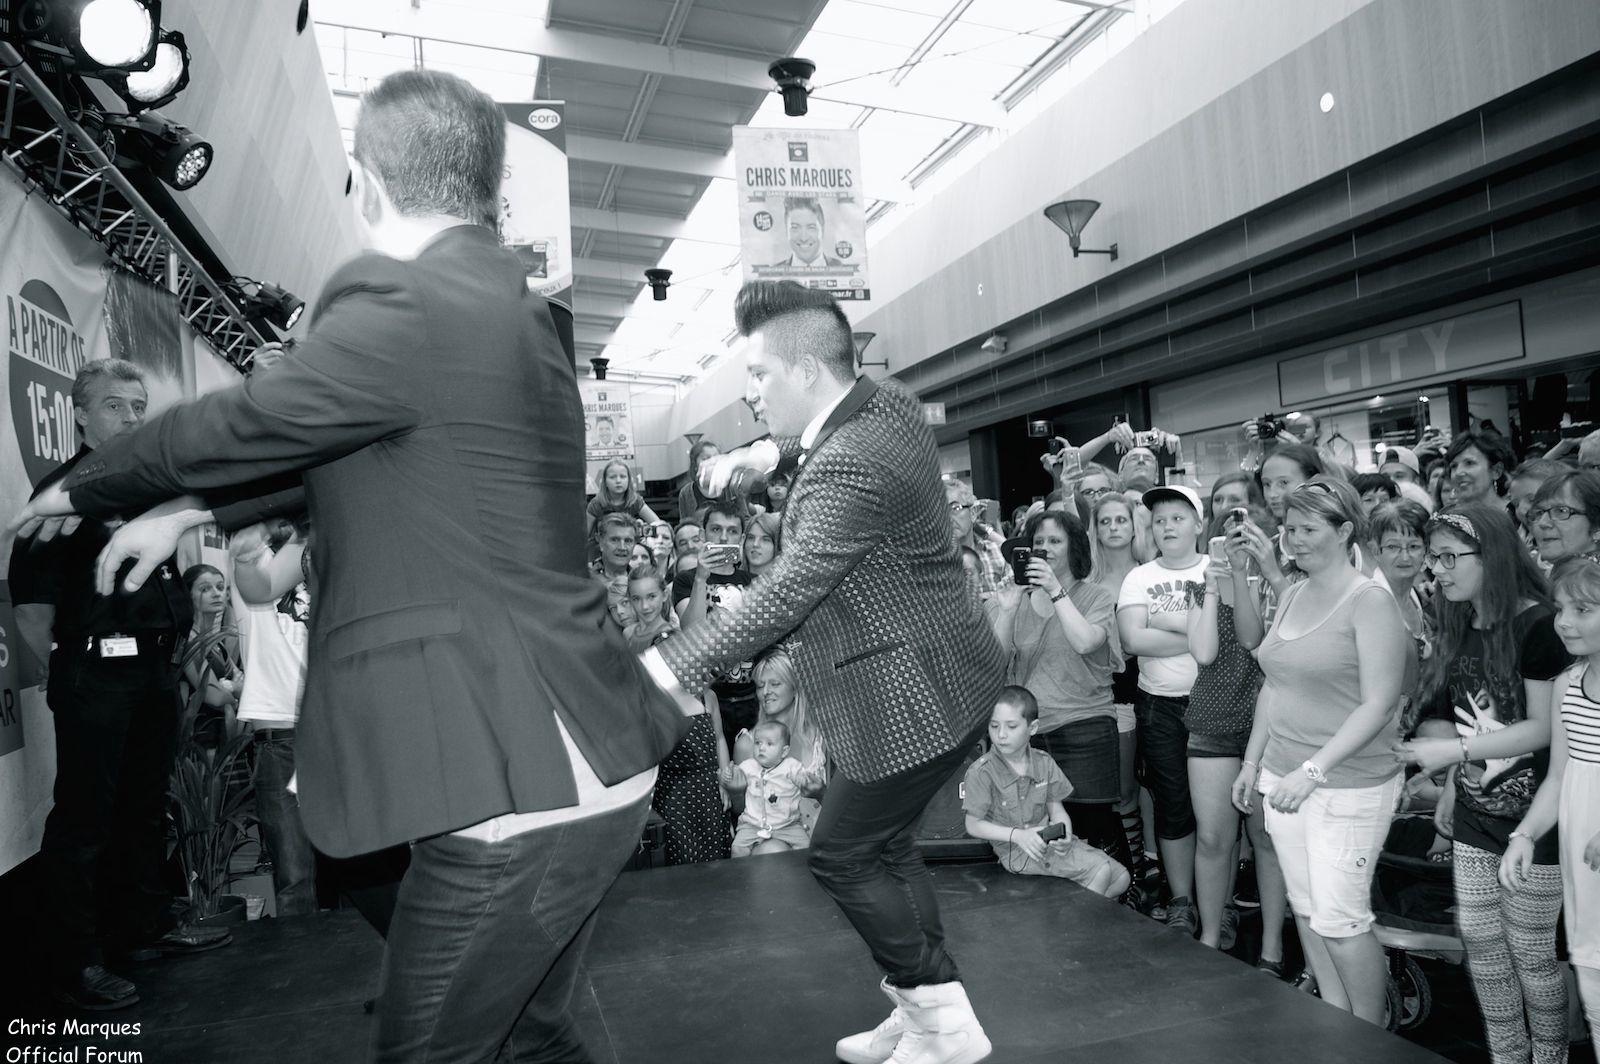 [14.06.2014] Evénement à #Colmar Chris Marques et Jaclyn Spencer pour un Flashmob/Cours de Danse/Dédicaces exceptionnels le tout organisé par la MJC de Colmar 12111